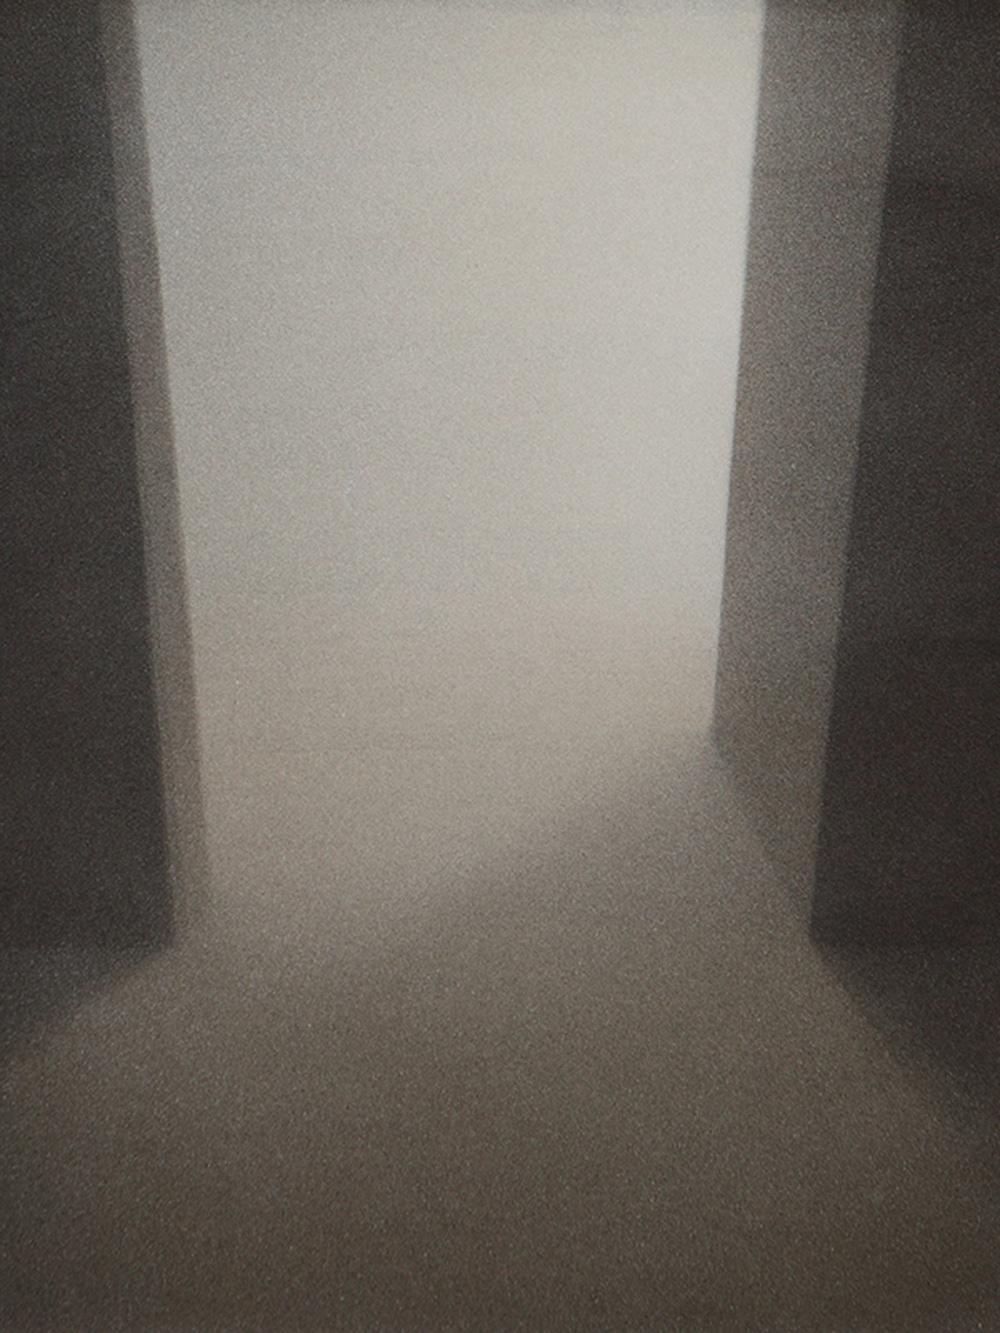 Senza titolo, 2011, tempera acrilica su carta montata su tela, cm 50x41,8